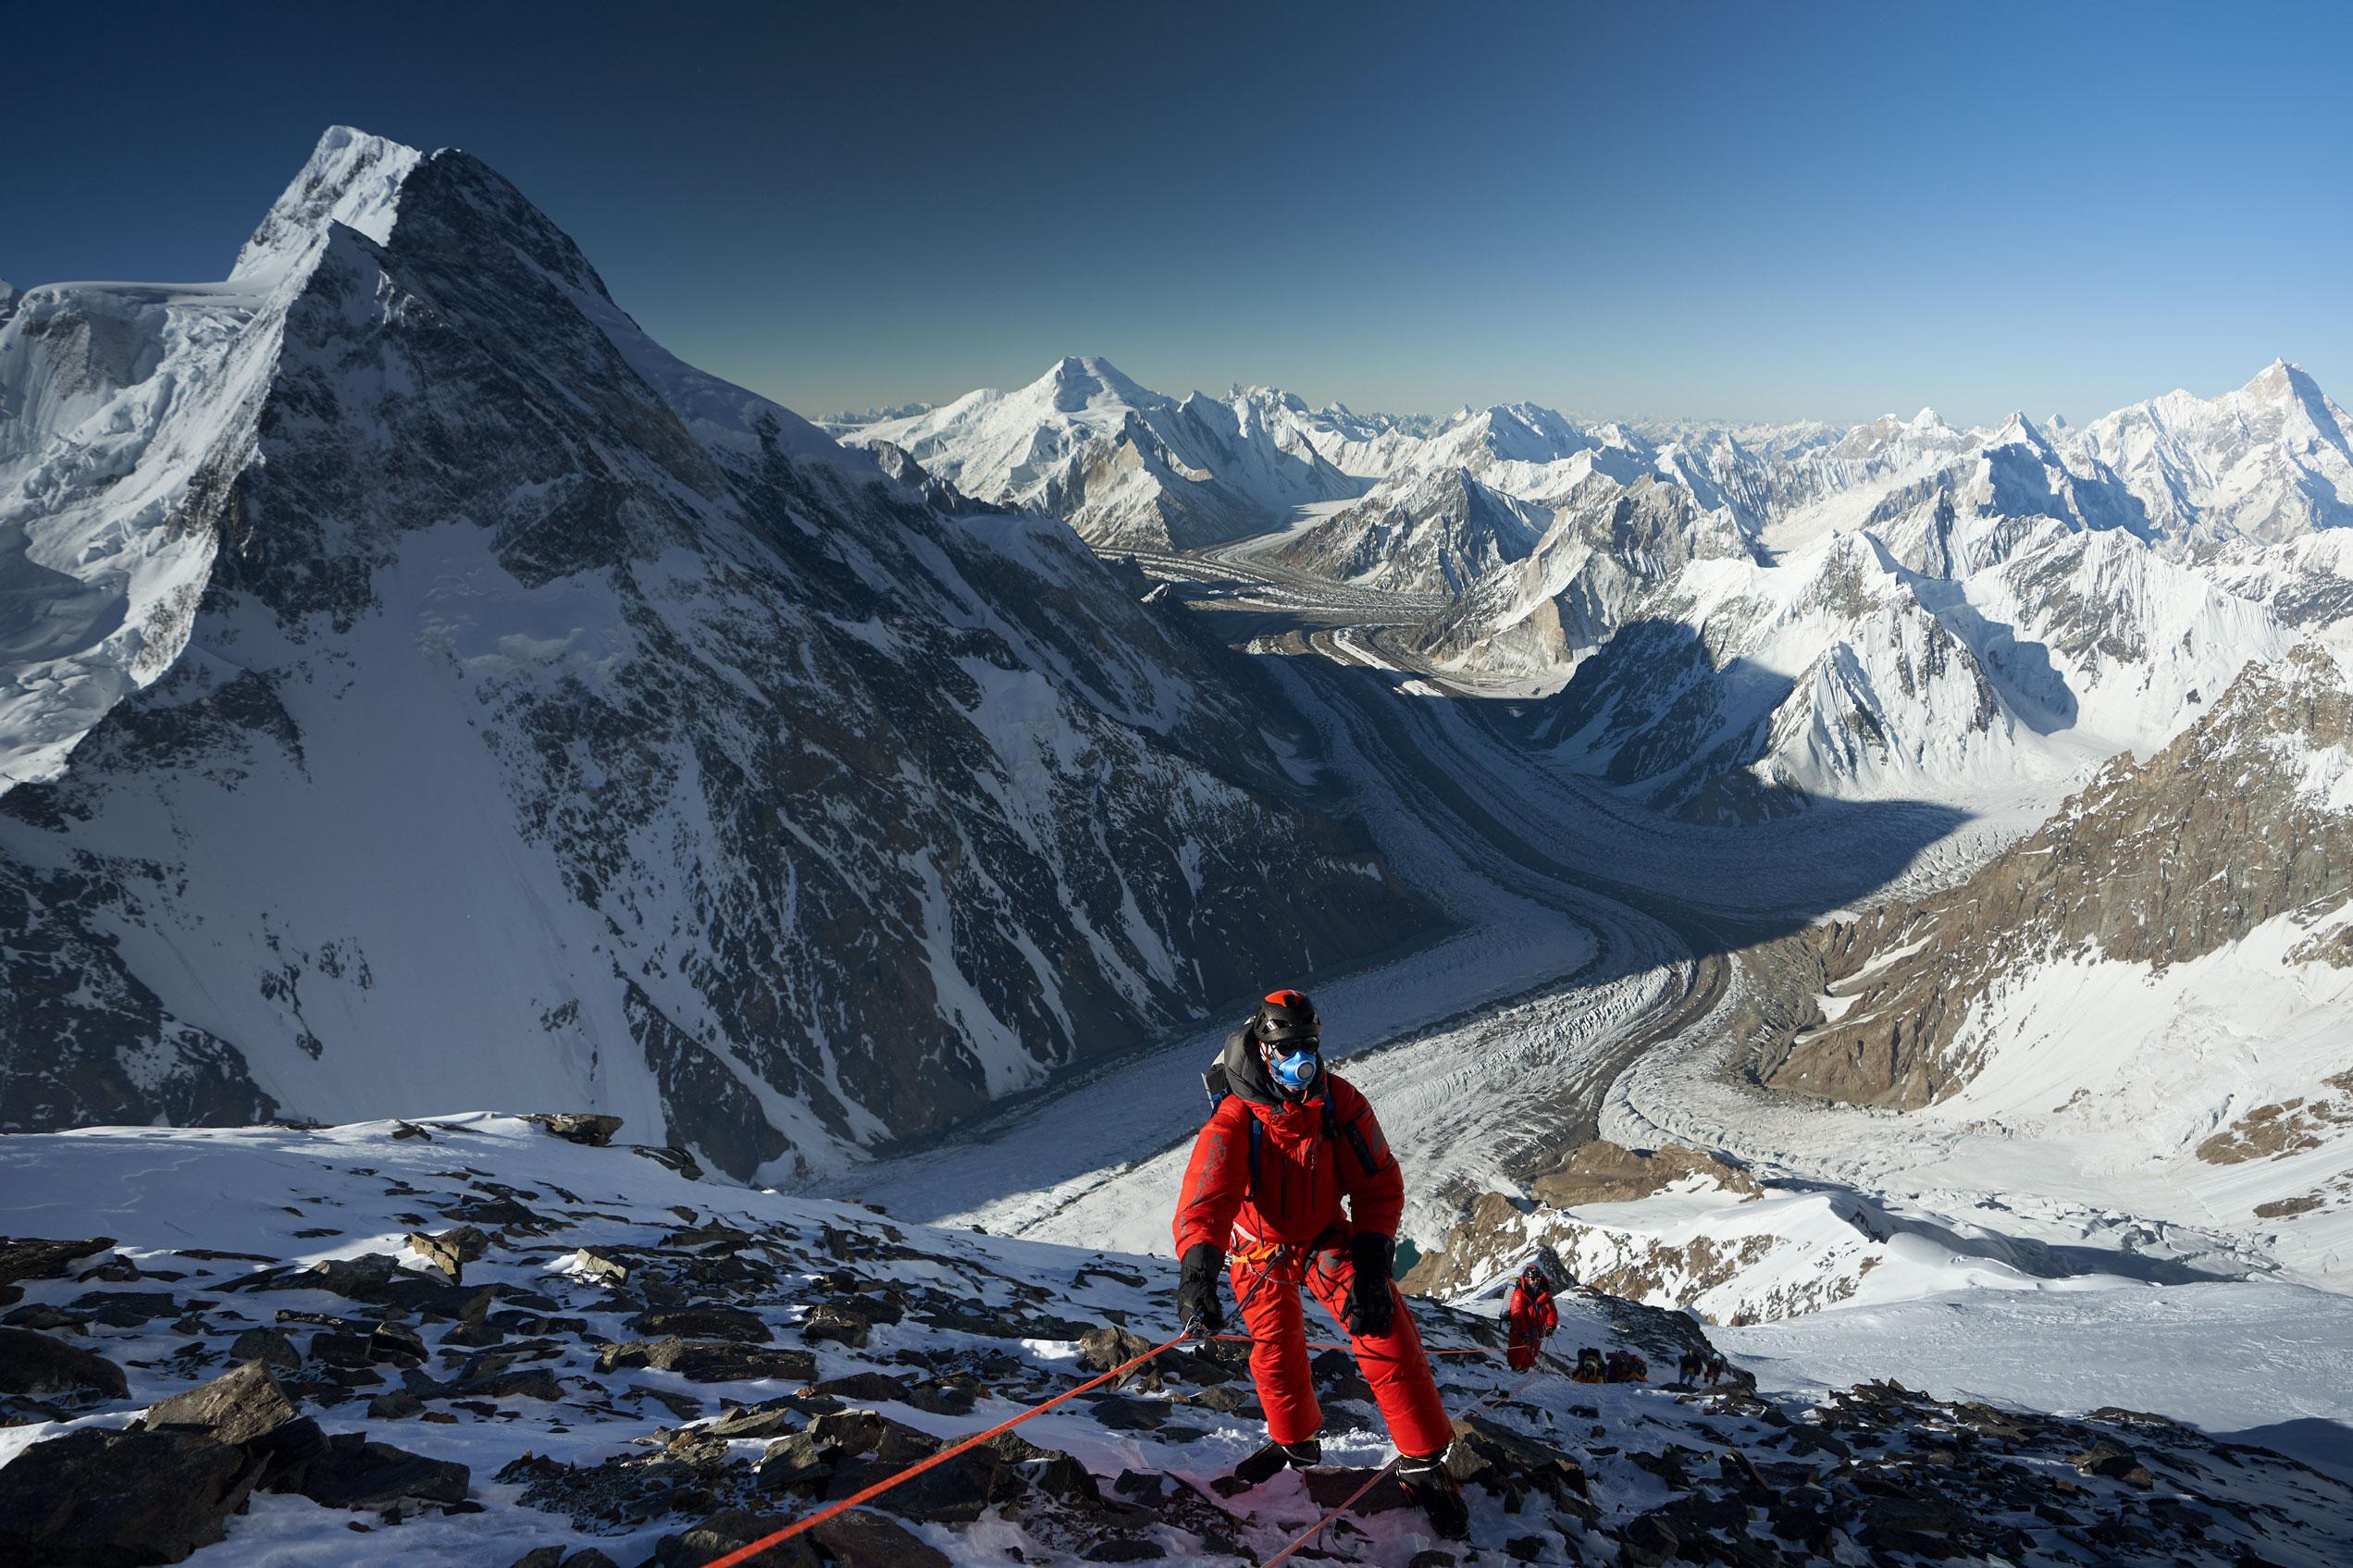 Adrian Ballinger on K2